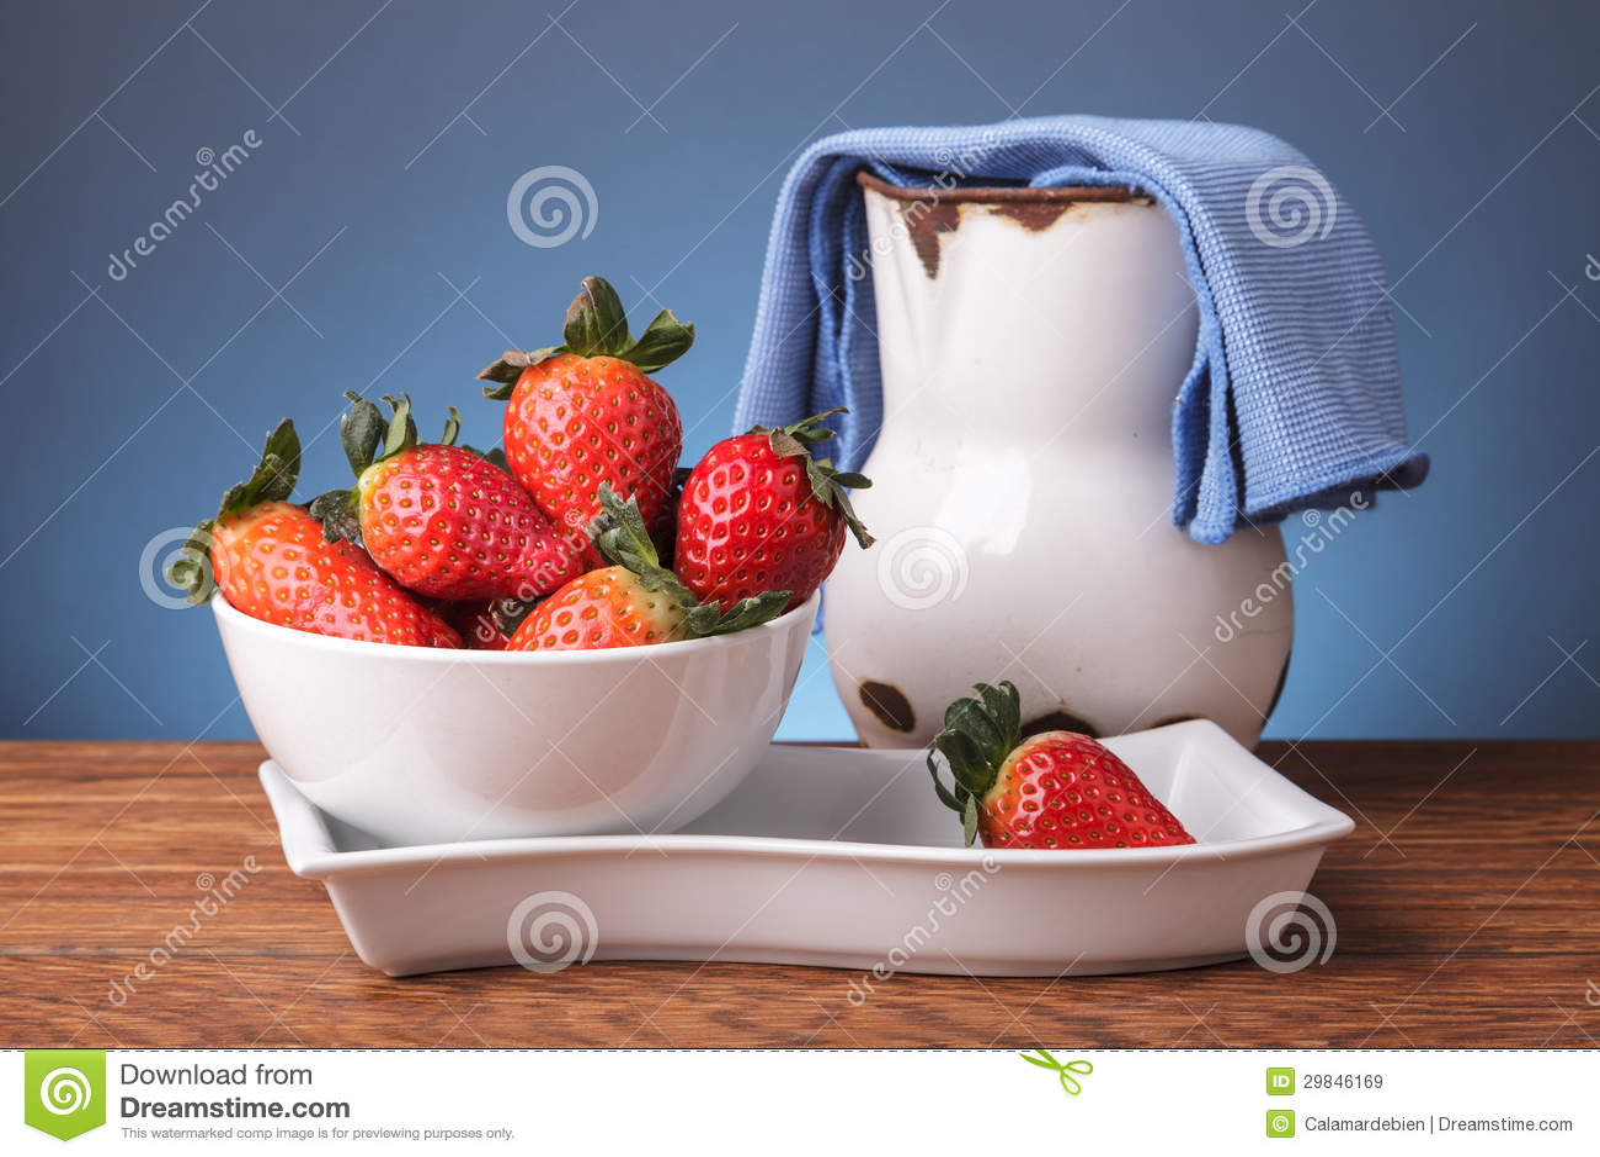 Ainda vida com frutos frescos